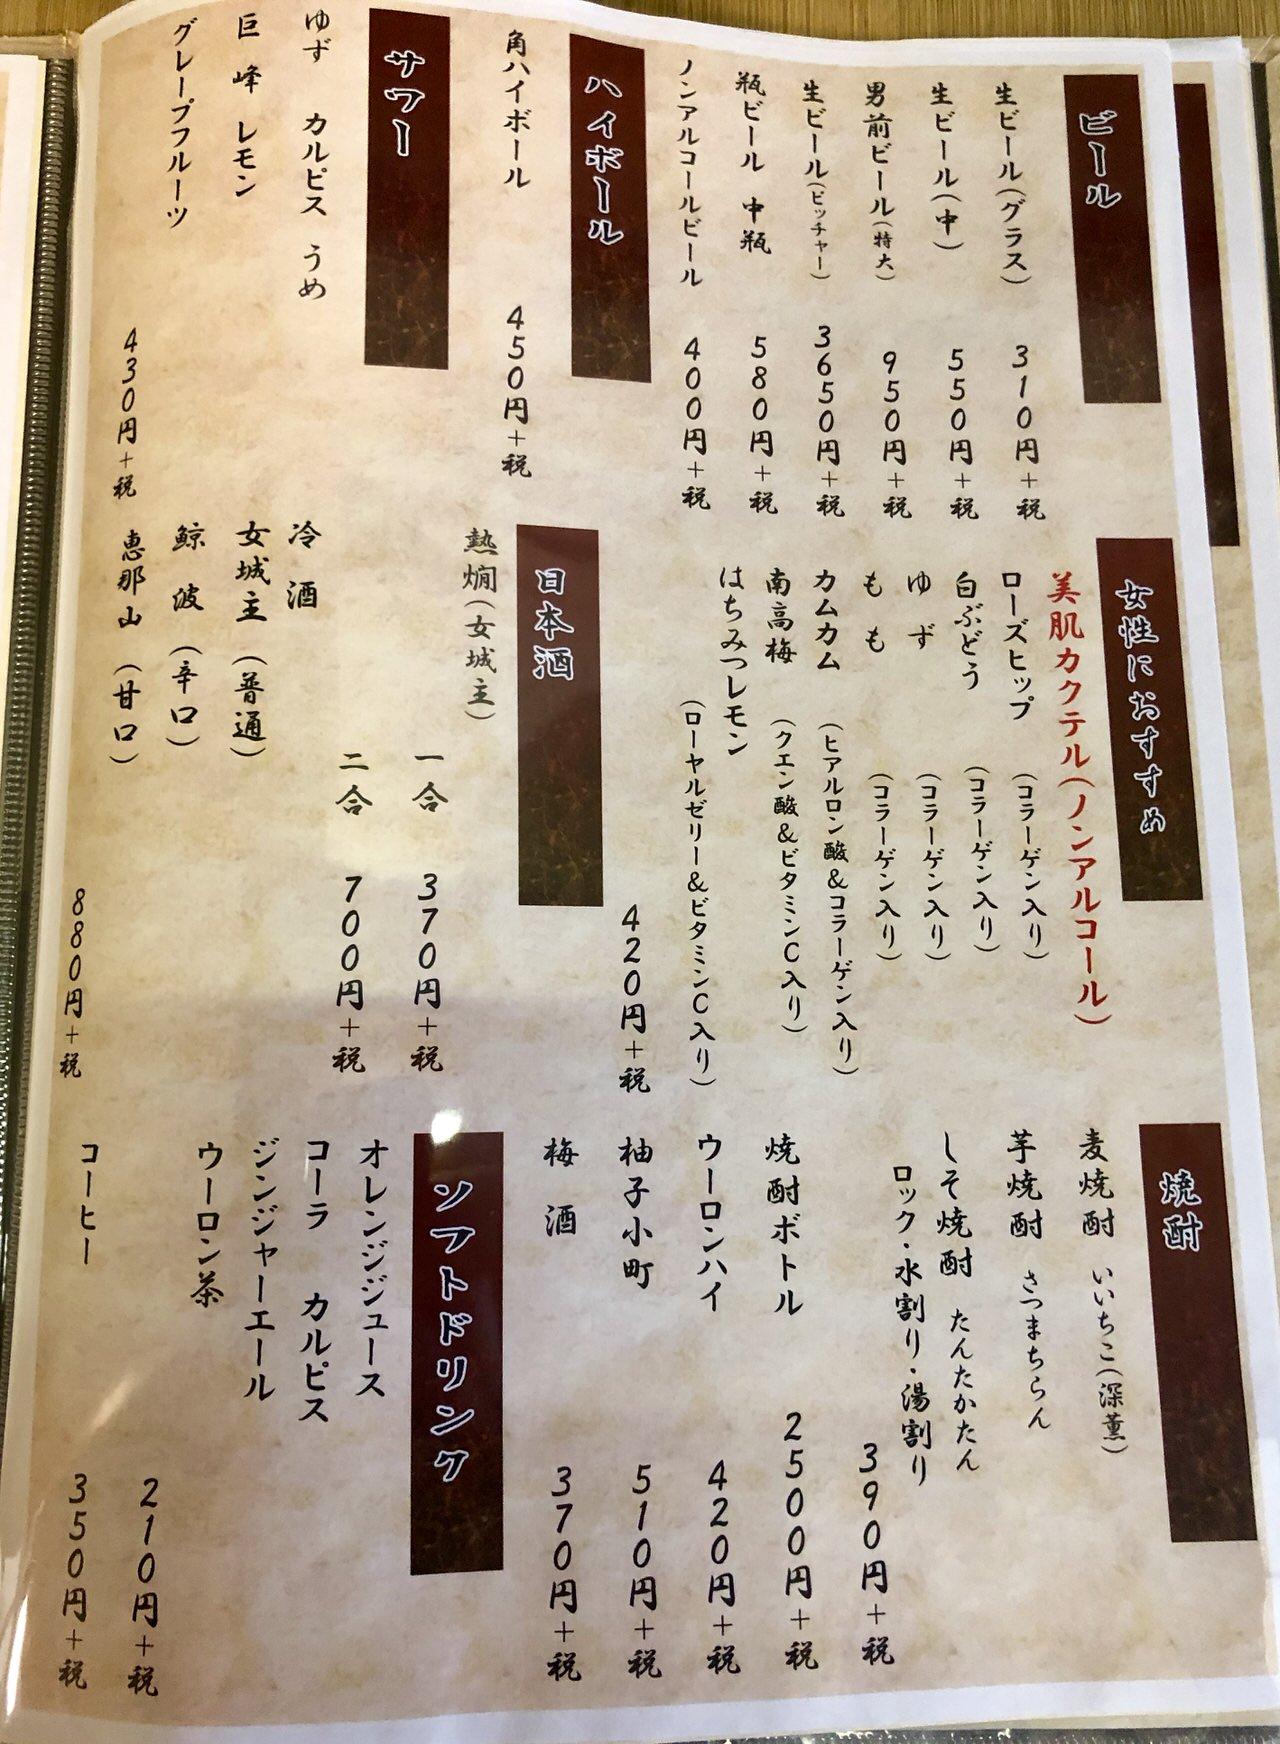 岩村駅前の食事処、和風レストランかわいの飲み物メニュー表